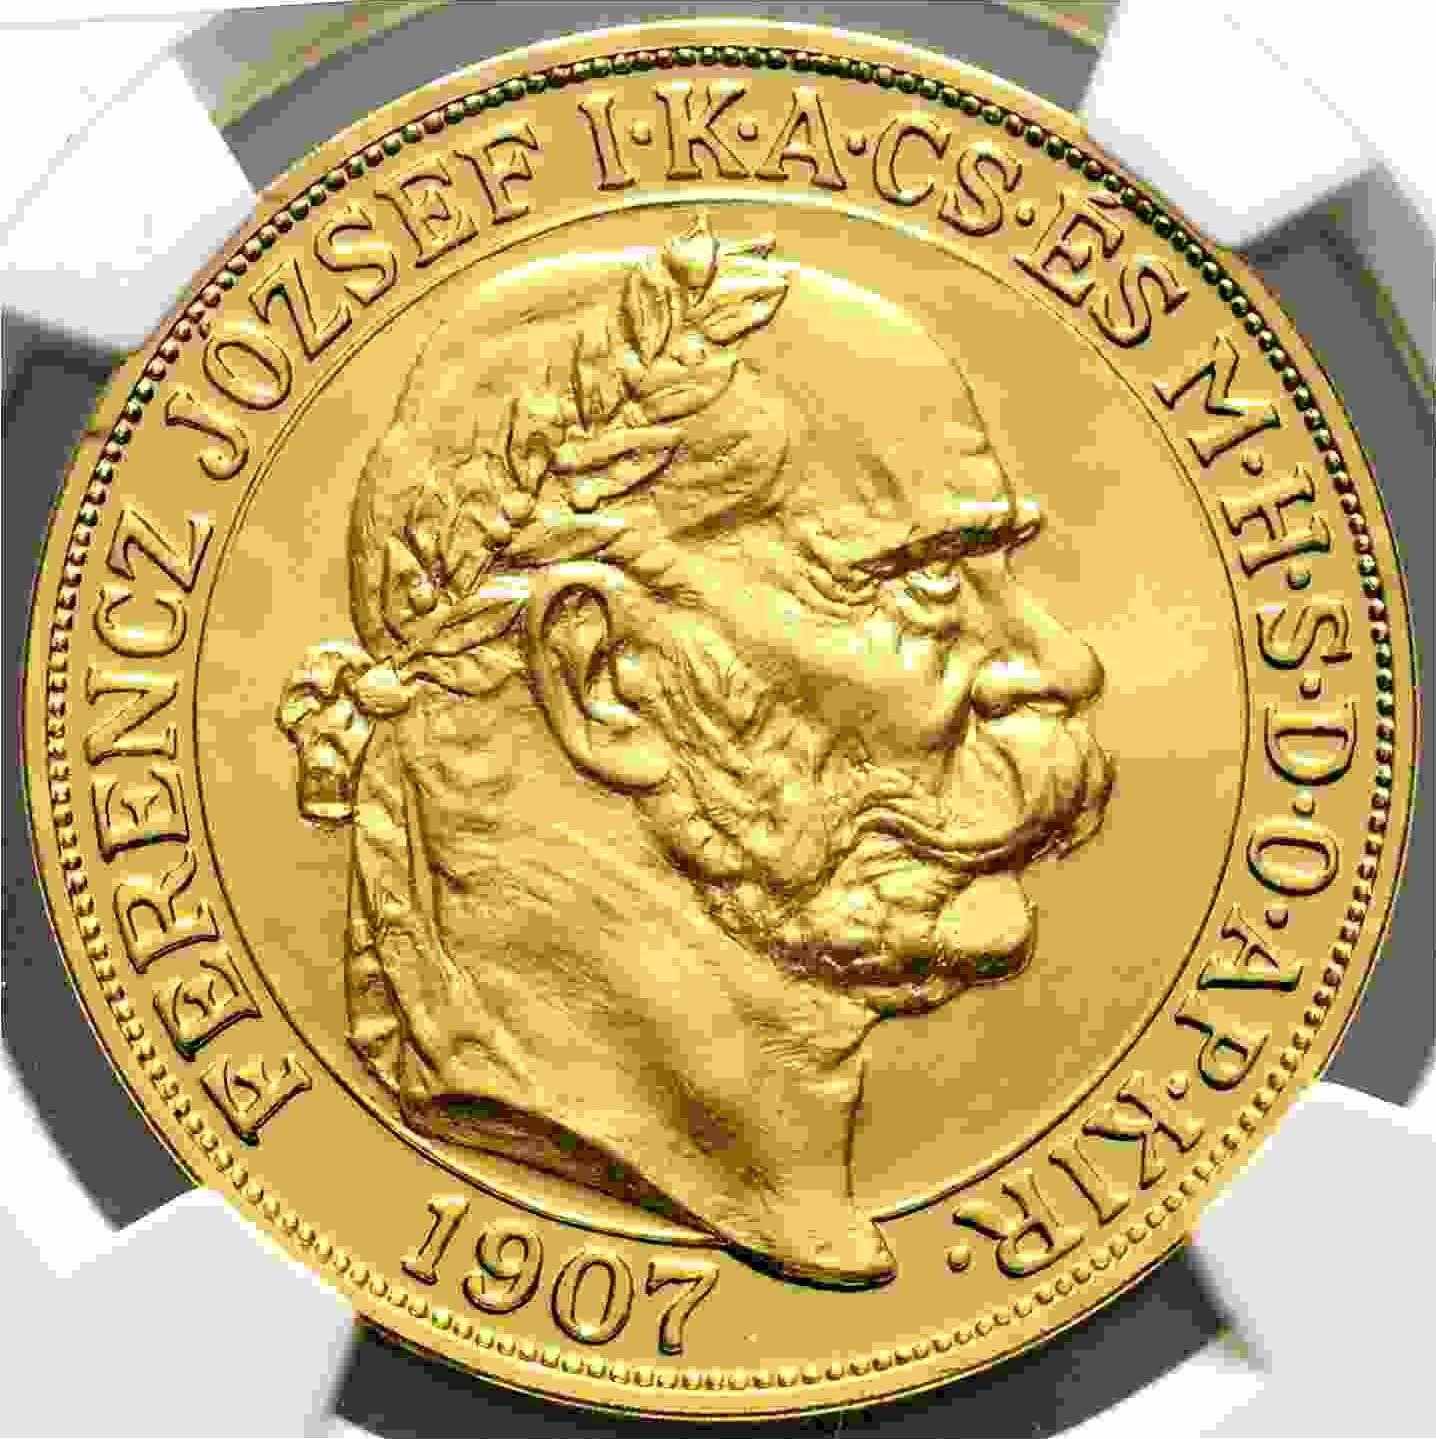 【動画あり】チェコスロバキア 2017年 フランツ・ヨーゼフ1世 皇帝戴冠式150周年記念 100コロナ金貨 NGC-PF70